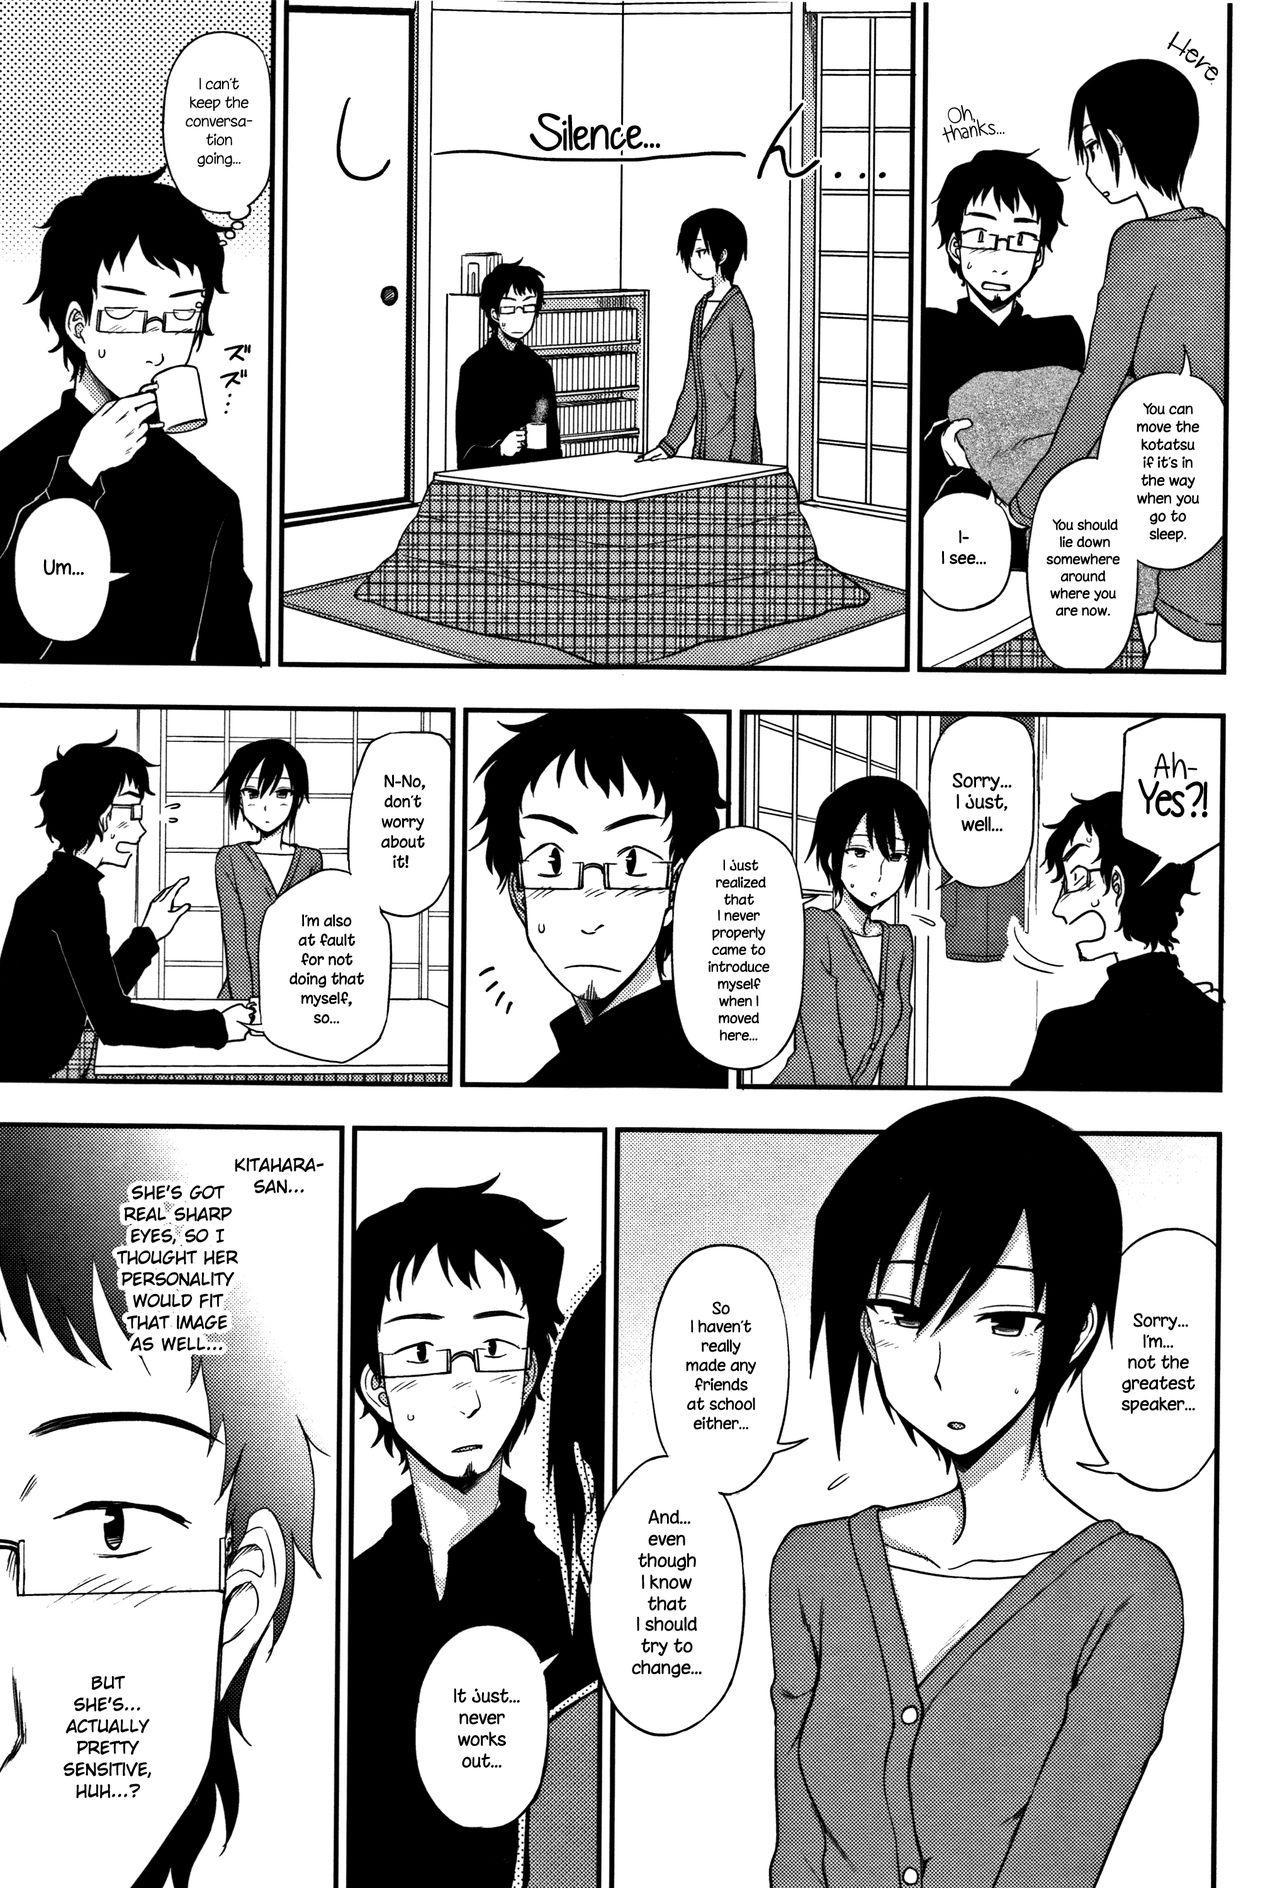 [Kumano Tooru] Otonari-san | Next-Door Neighbor (Kimochi Ii no ga Suki Nandesu) [English] {NecroManCr} 4